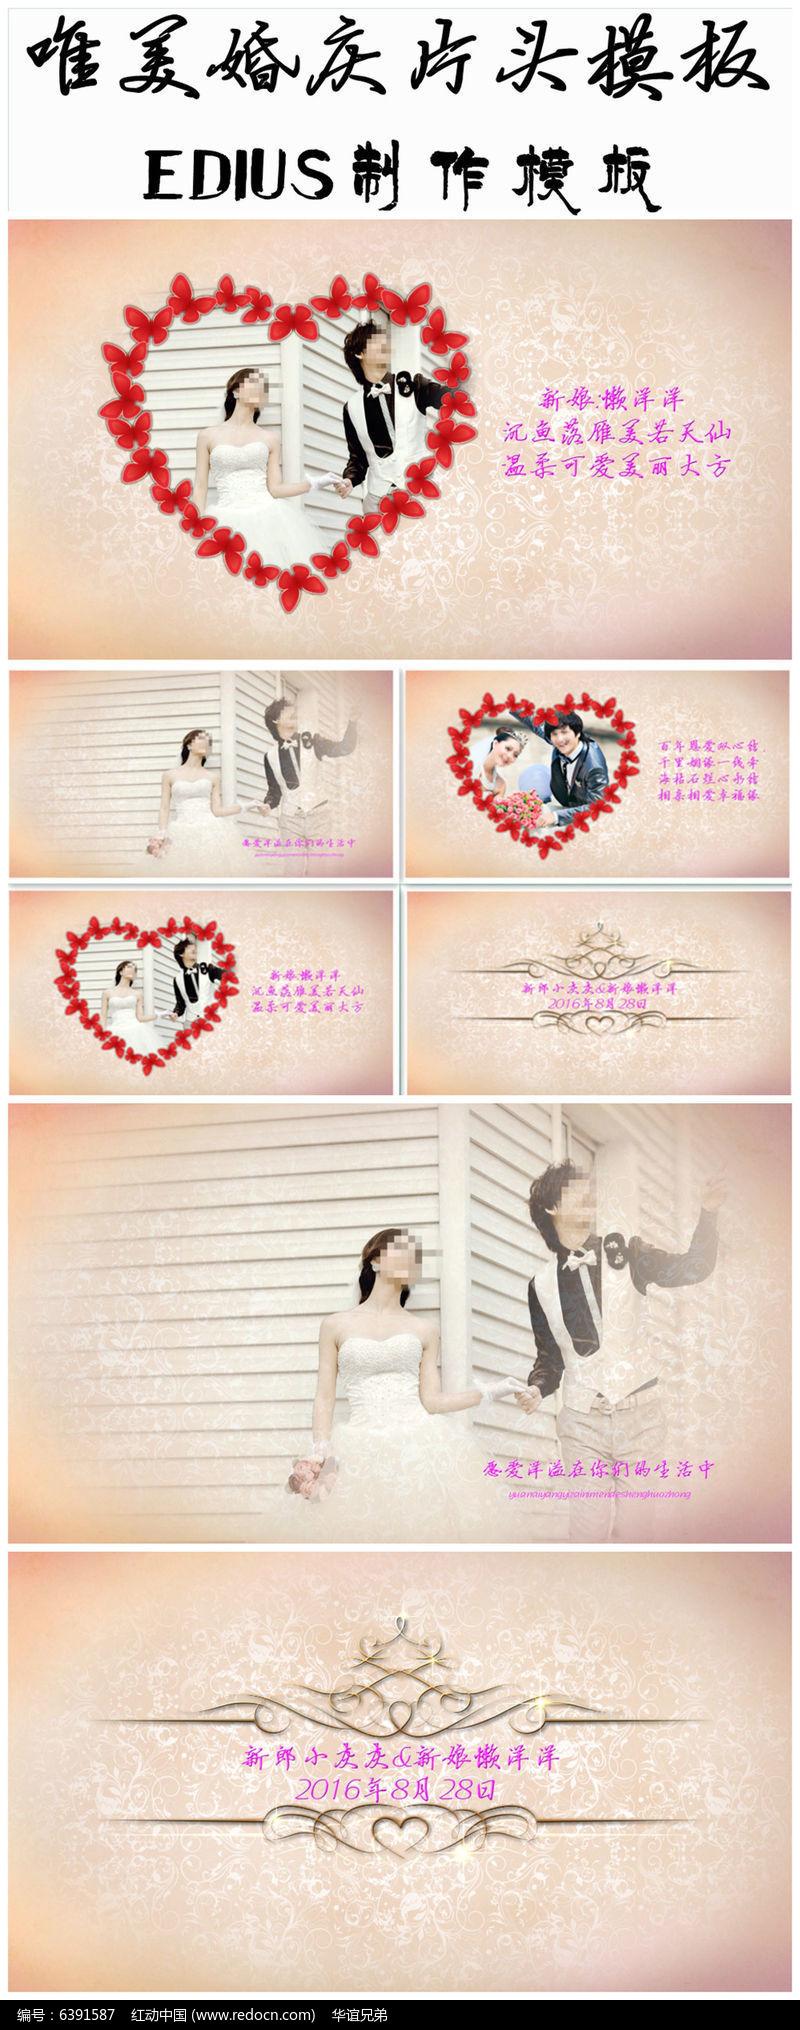 eidus婚礼片头模板婚庆迎宾片头模板LED视频图片